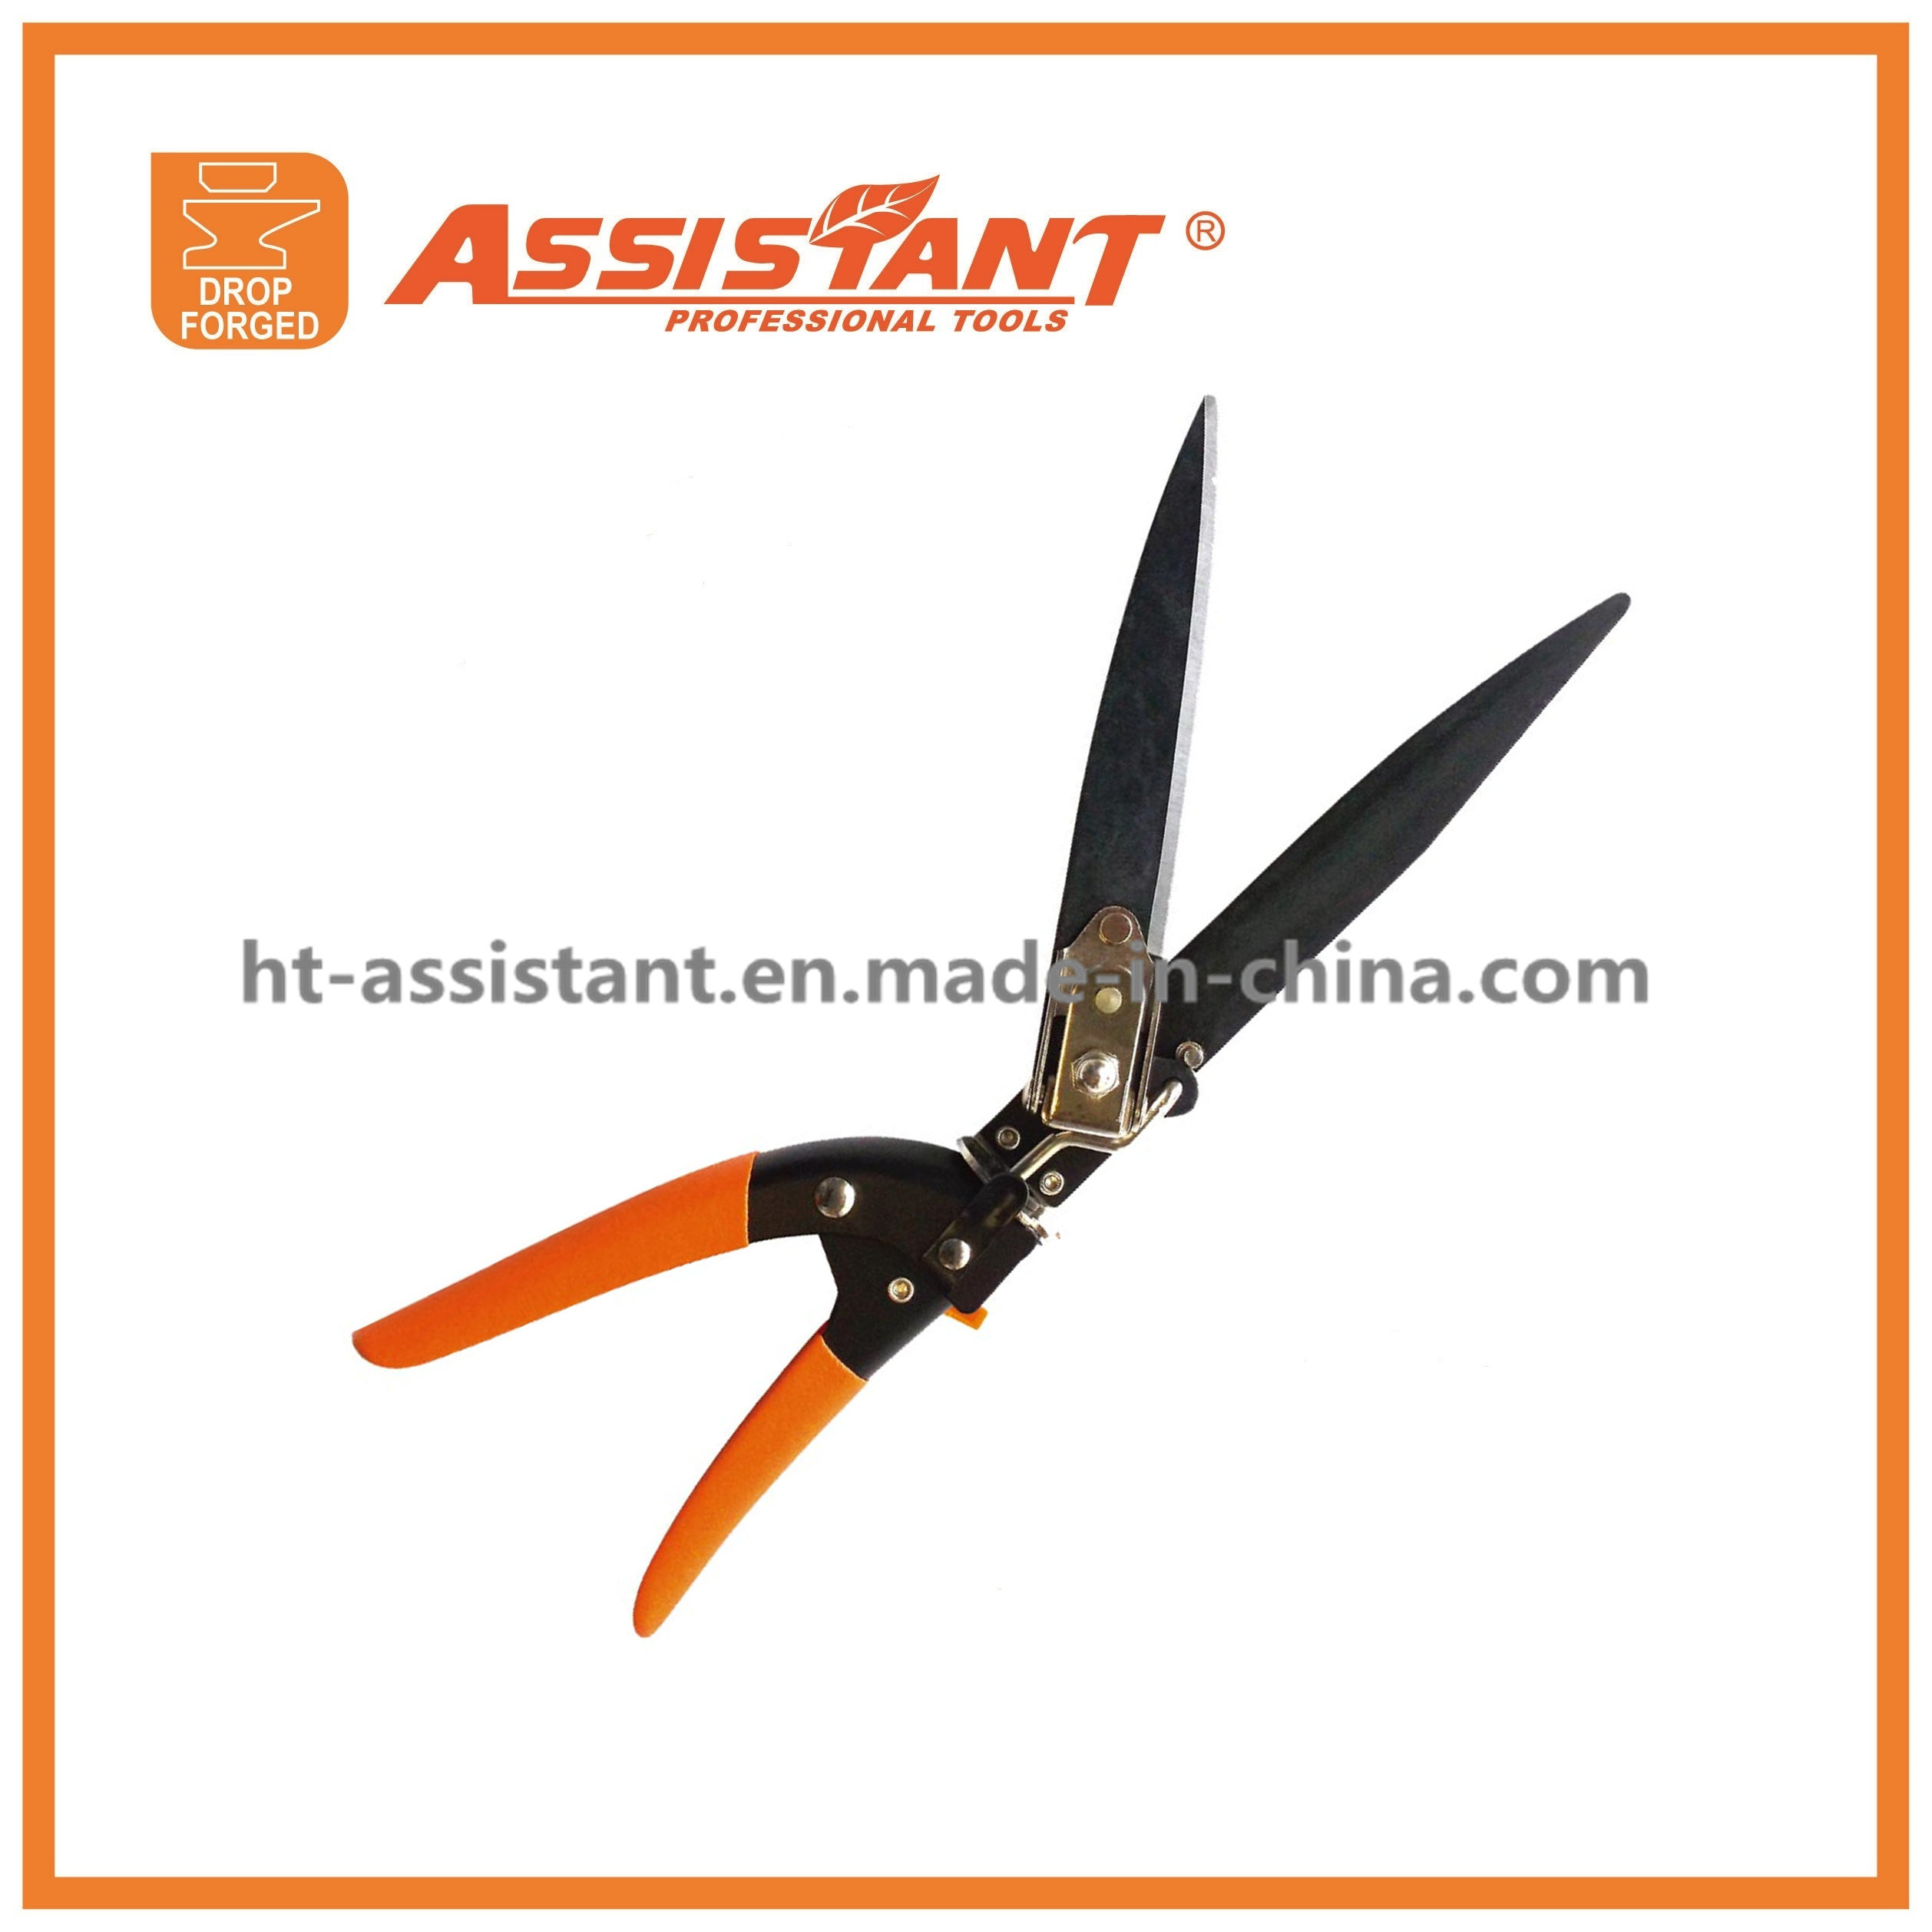 Garden Scissors and Trimmer 360 Degree Swivel Grass Shears